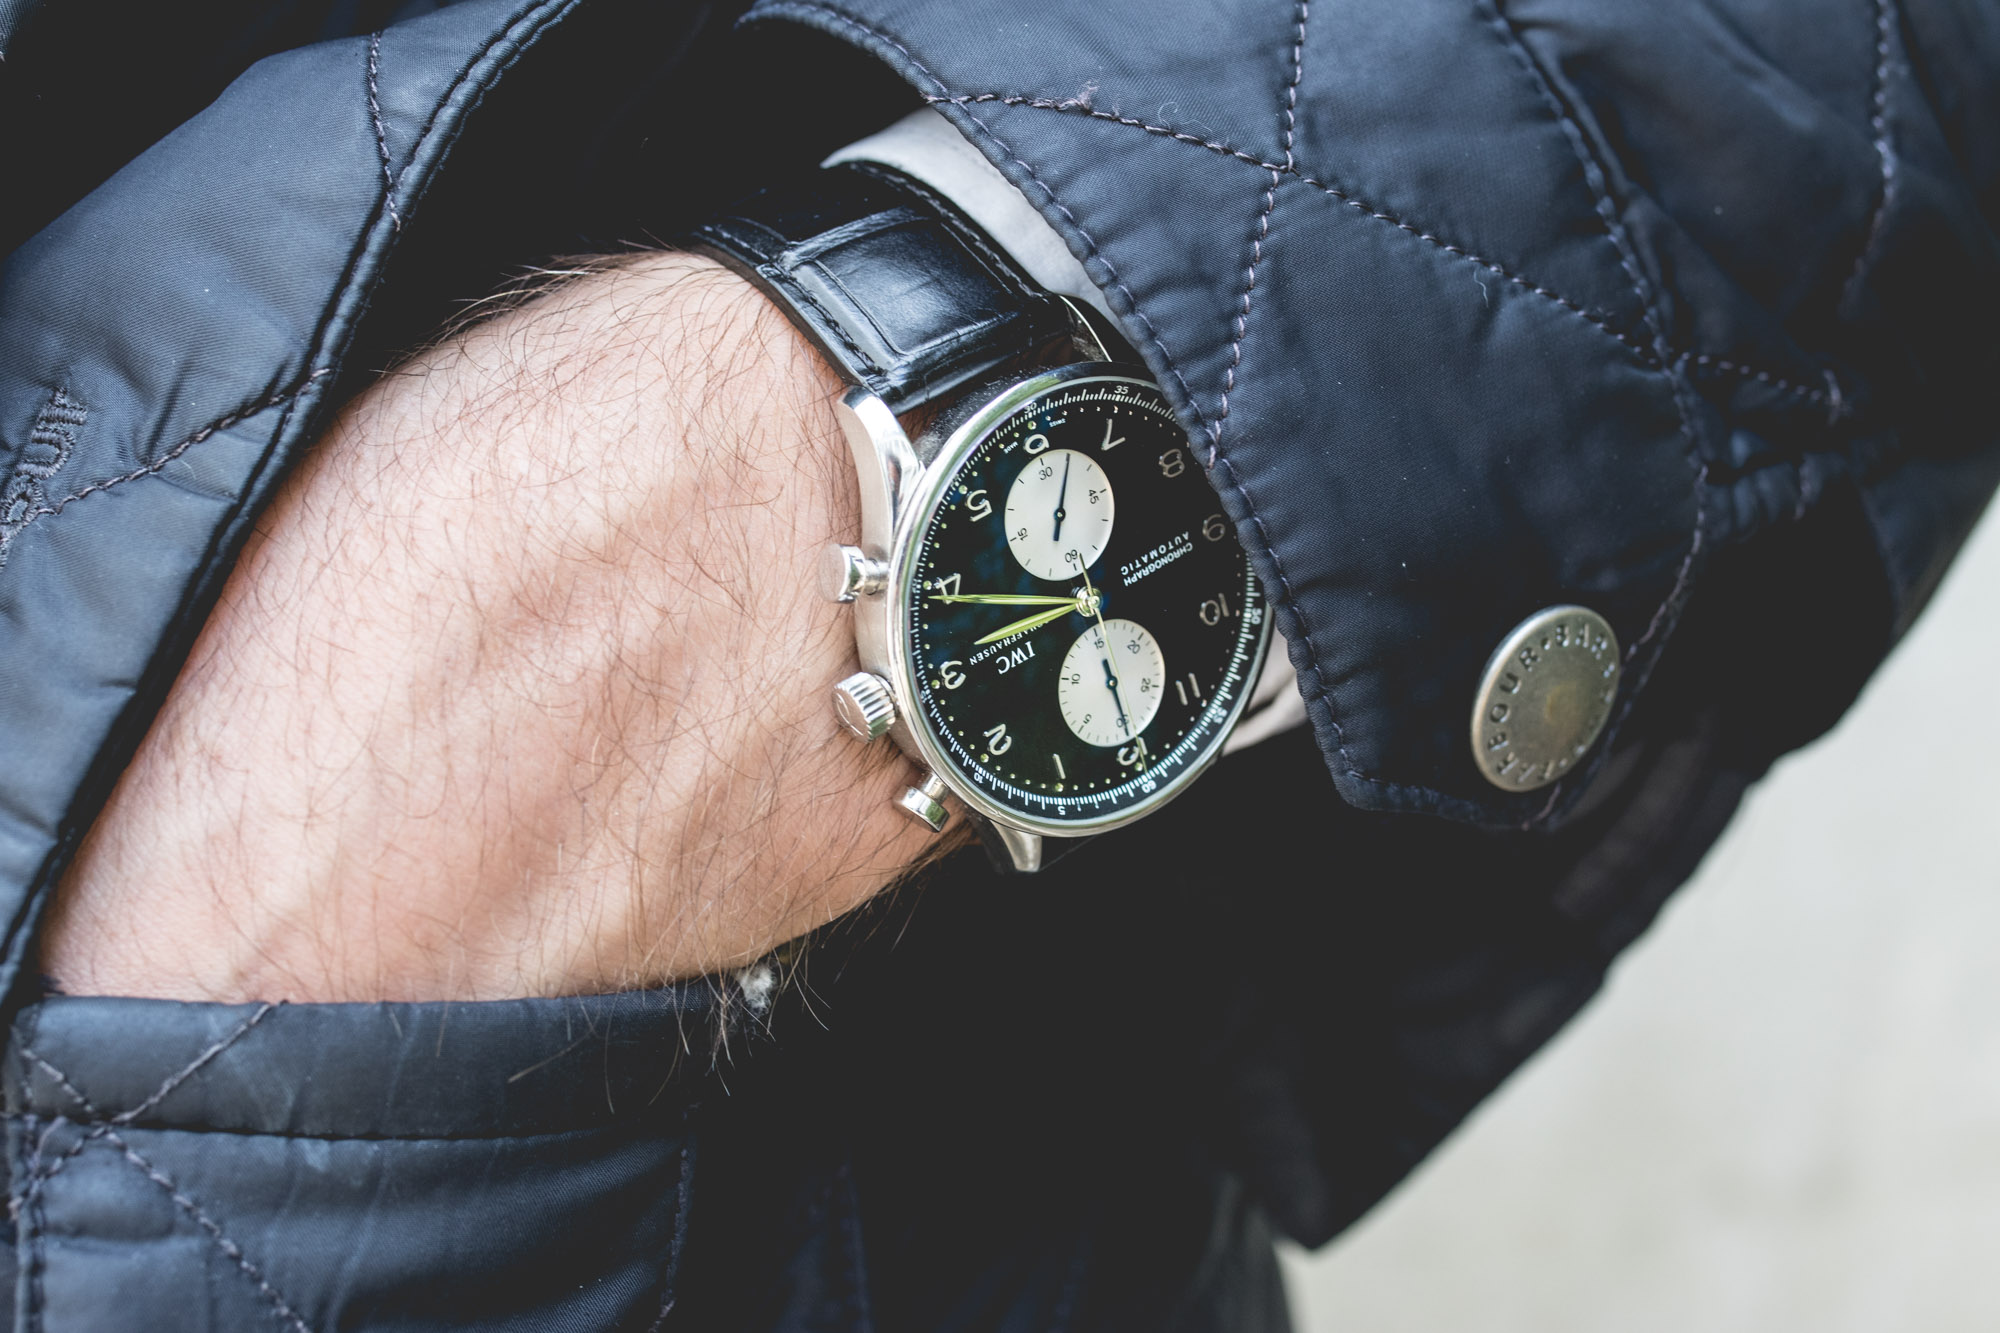 Anthony Zimmer - IWC Portugaise Chronographe